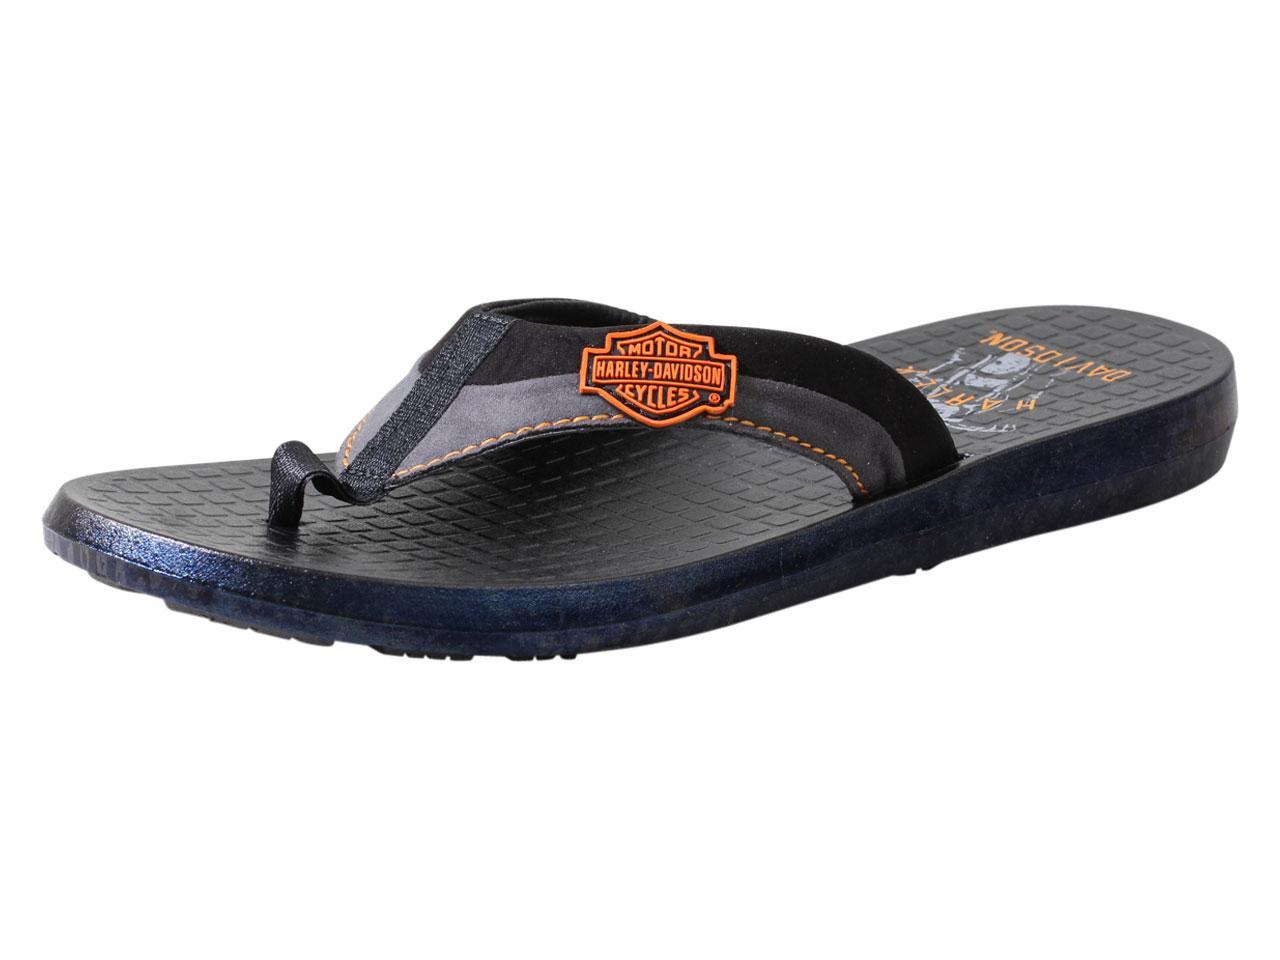 f504a9408269 Harley-Davidson Men s Adams Flip Flops Sandals Shoes